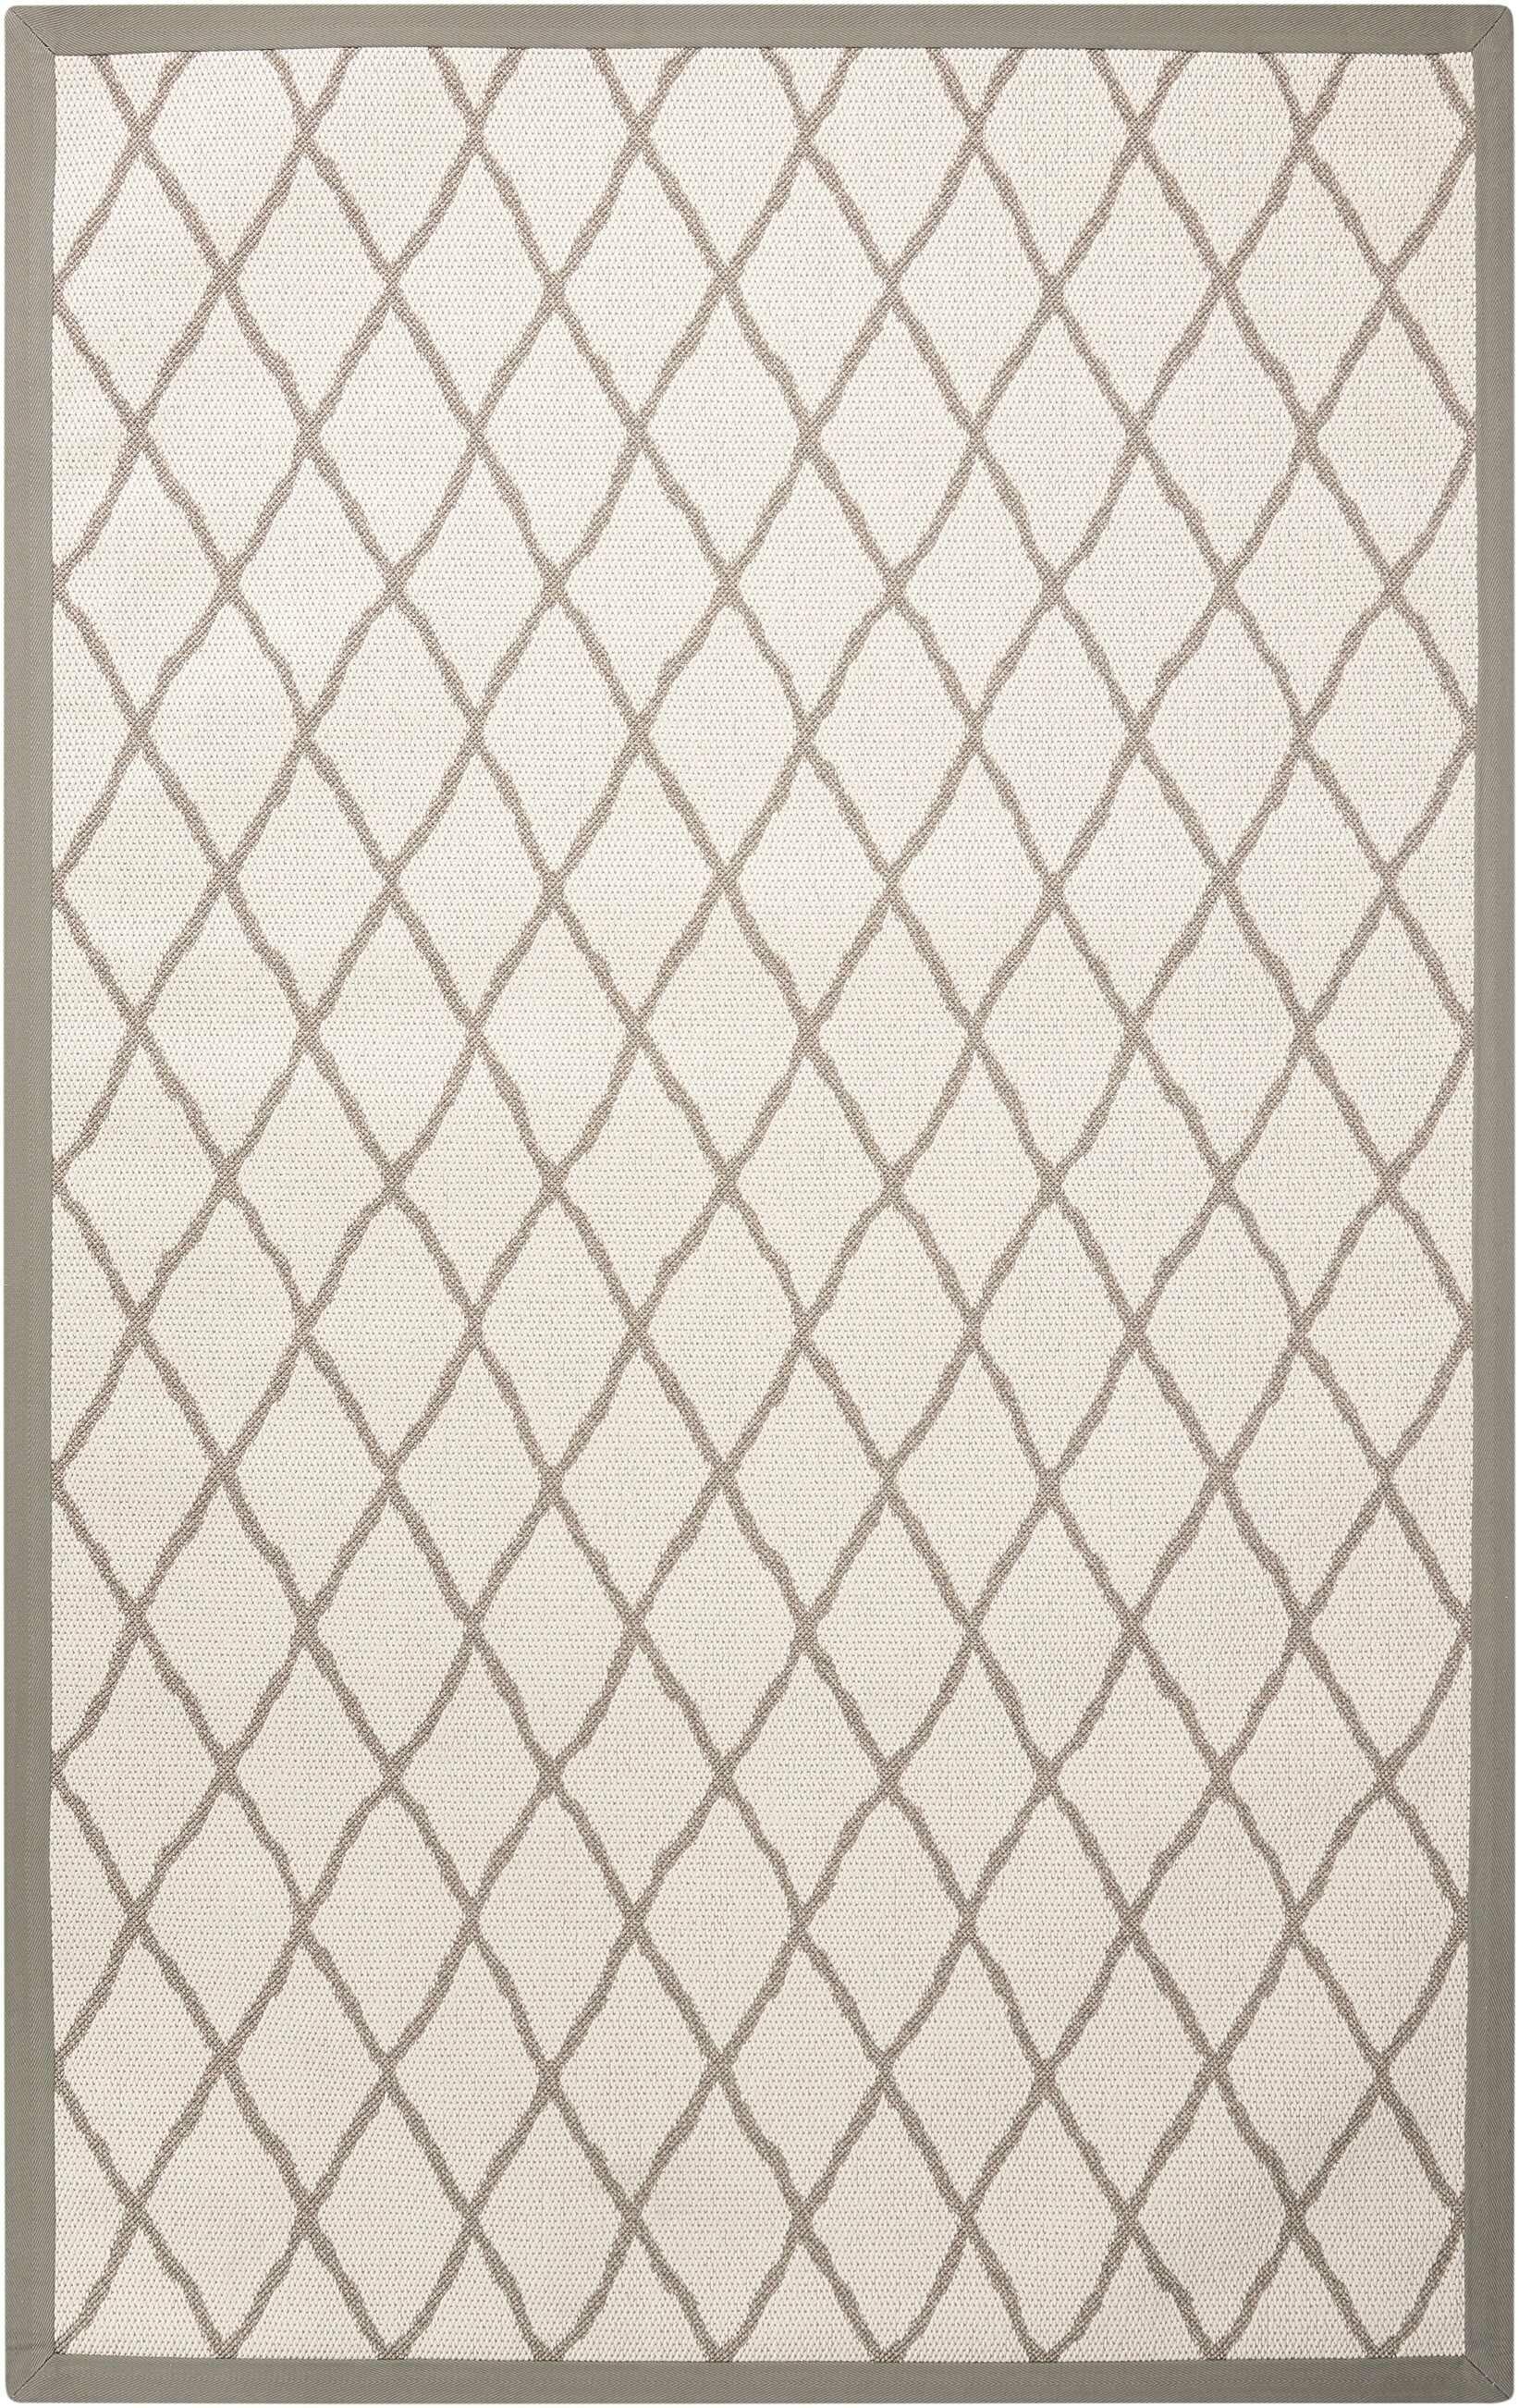 Northridge Beige Indoor/Outdoor Area Rug Rug Size: Rectangle 5' x 8'